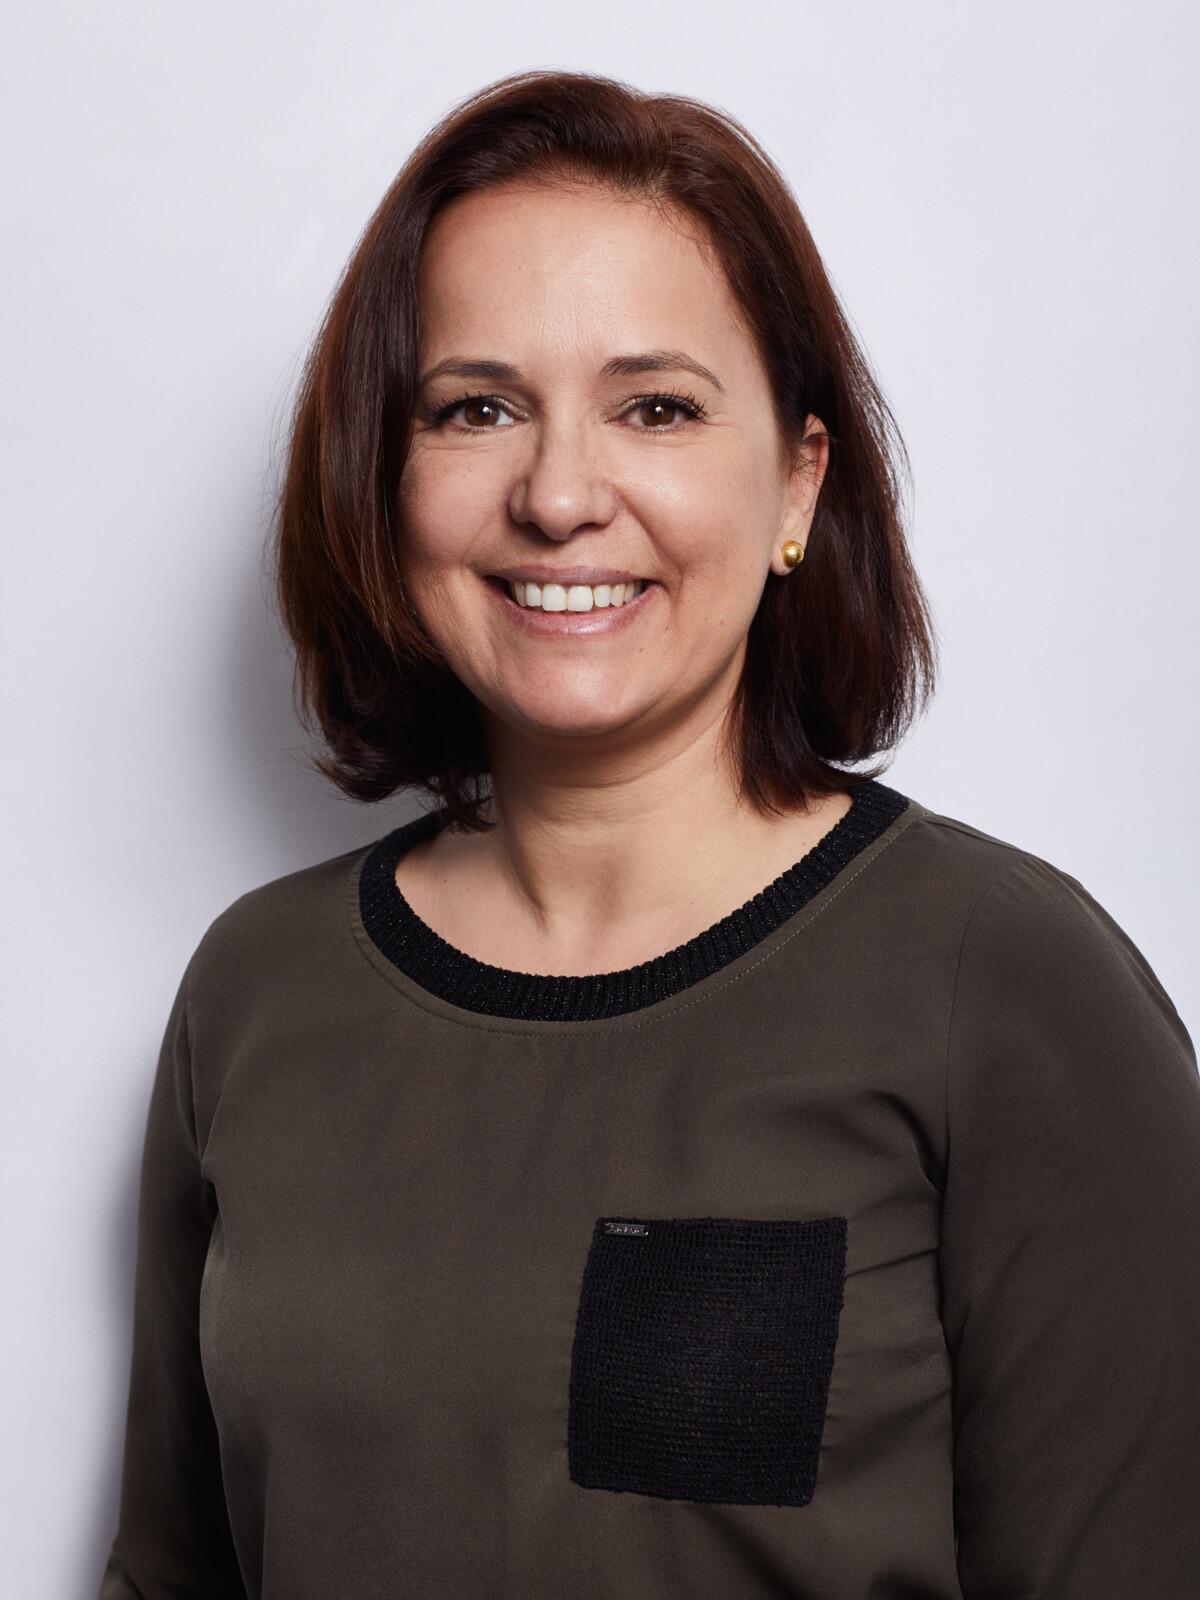 Susana Coelho